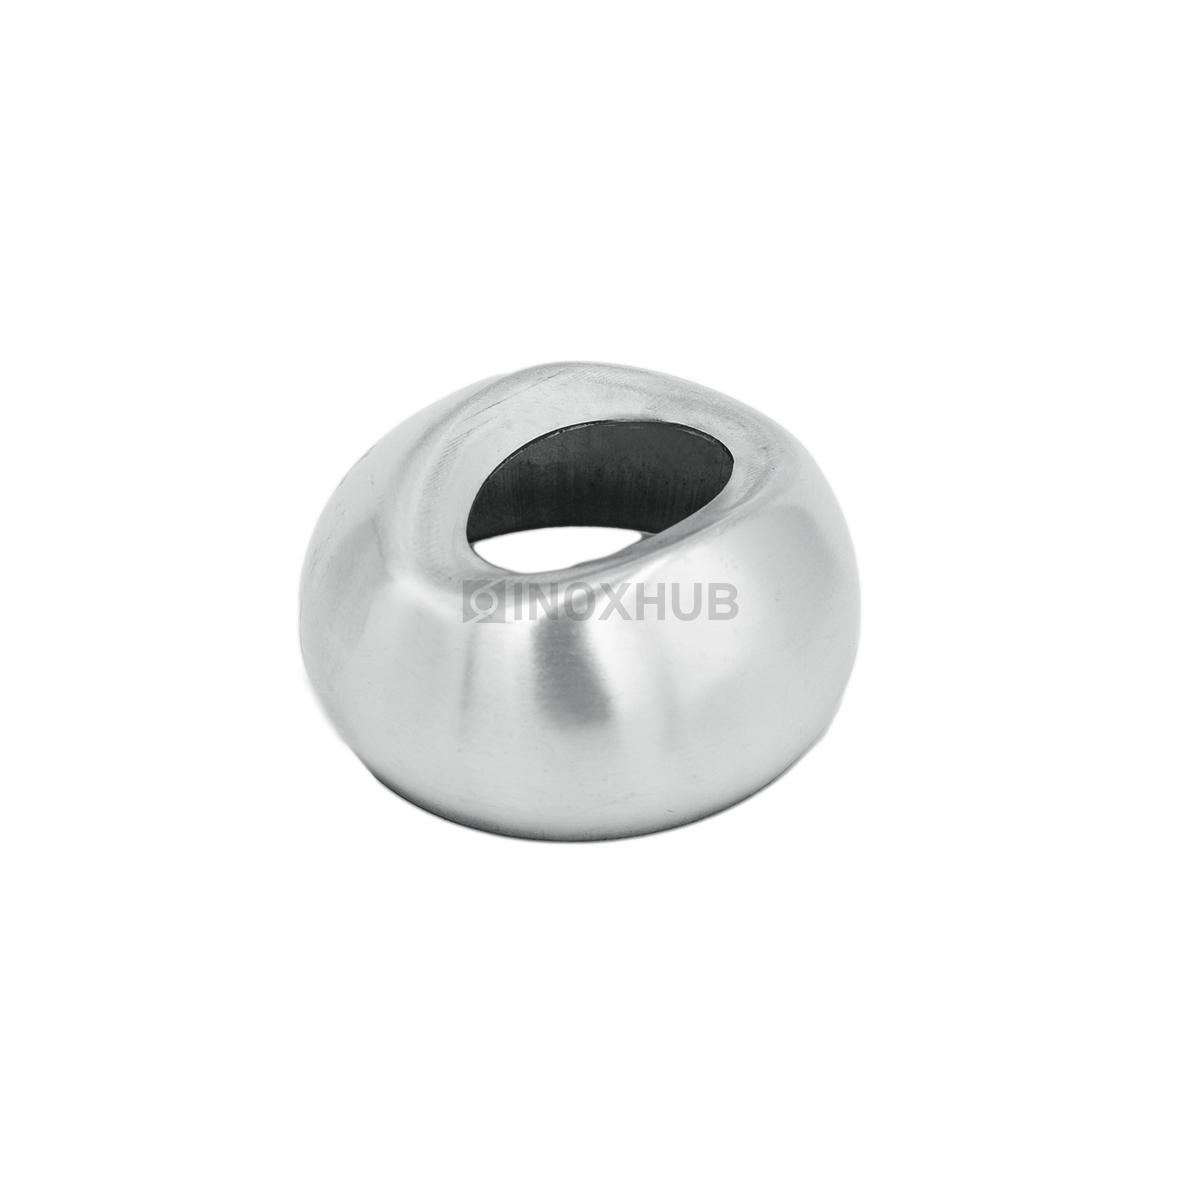 Соединение поручня со стойкой штамп. под 90°  Ø50.8 мм AISI 304 GRIT 320